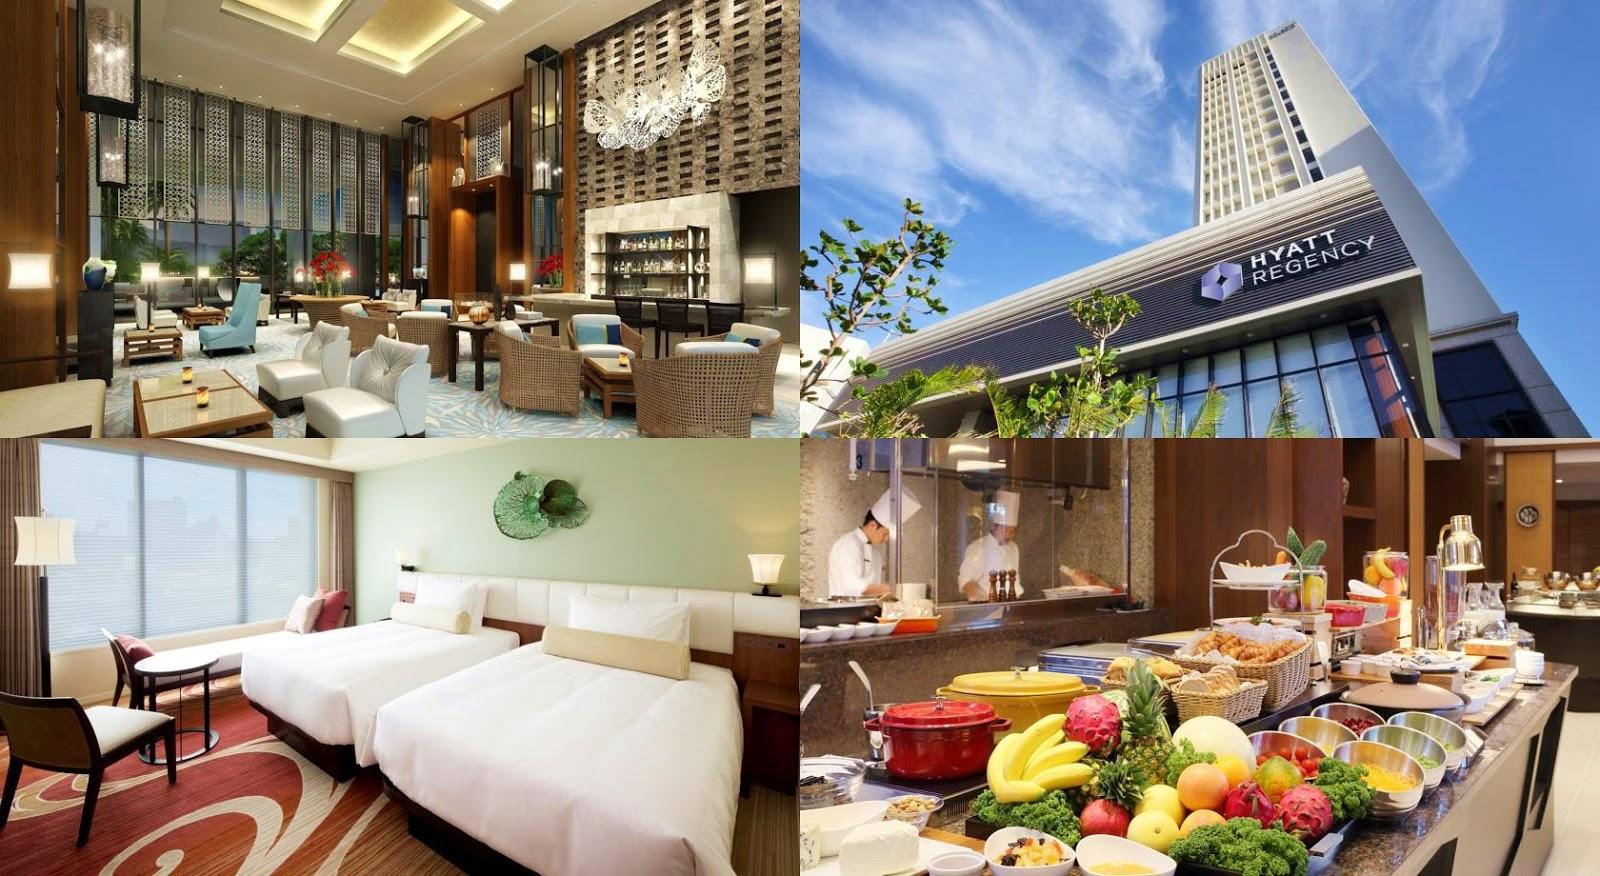 沖繩-住宿-推薦-飯店-旅館-民宿-公寓-那霸-沖繩凱悅那霸酒店-Hyatt-Regency-Naha-Okinawa-hotel-recommendation